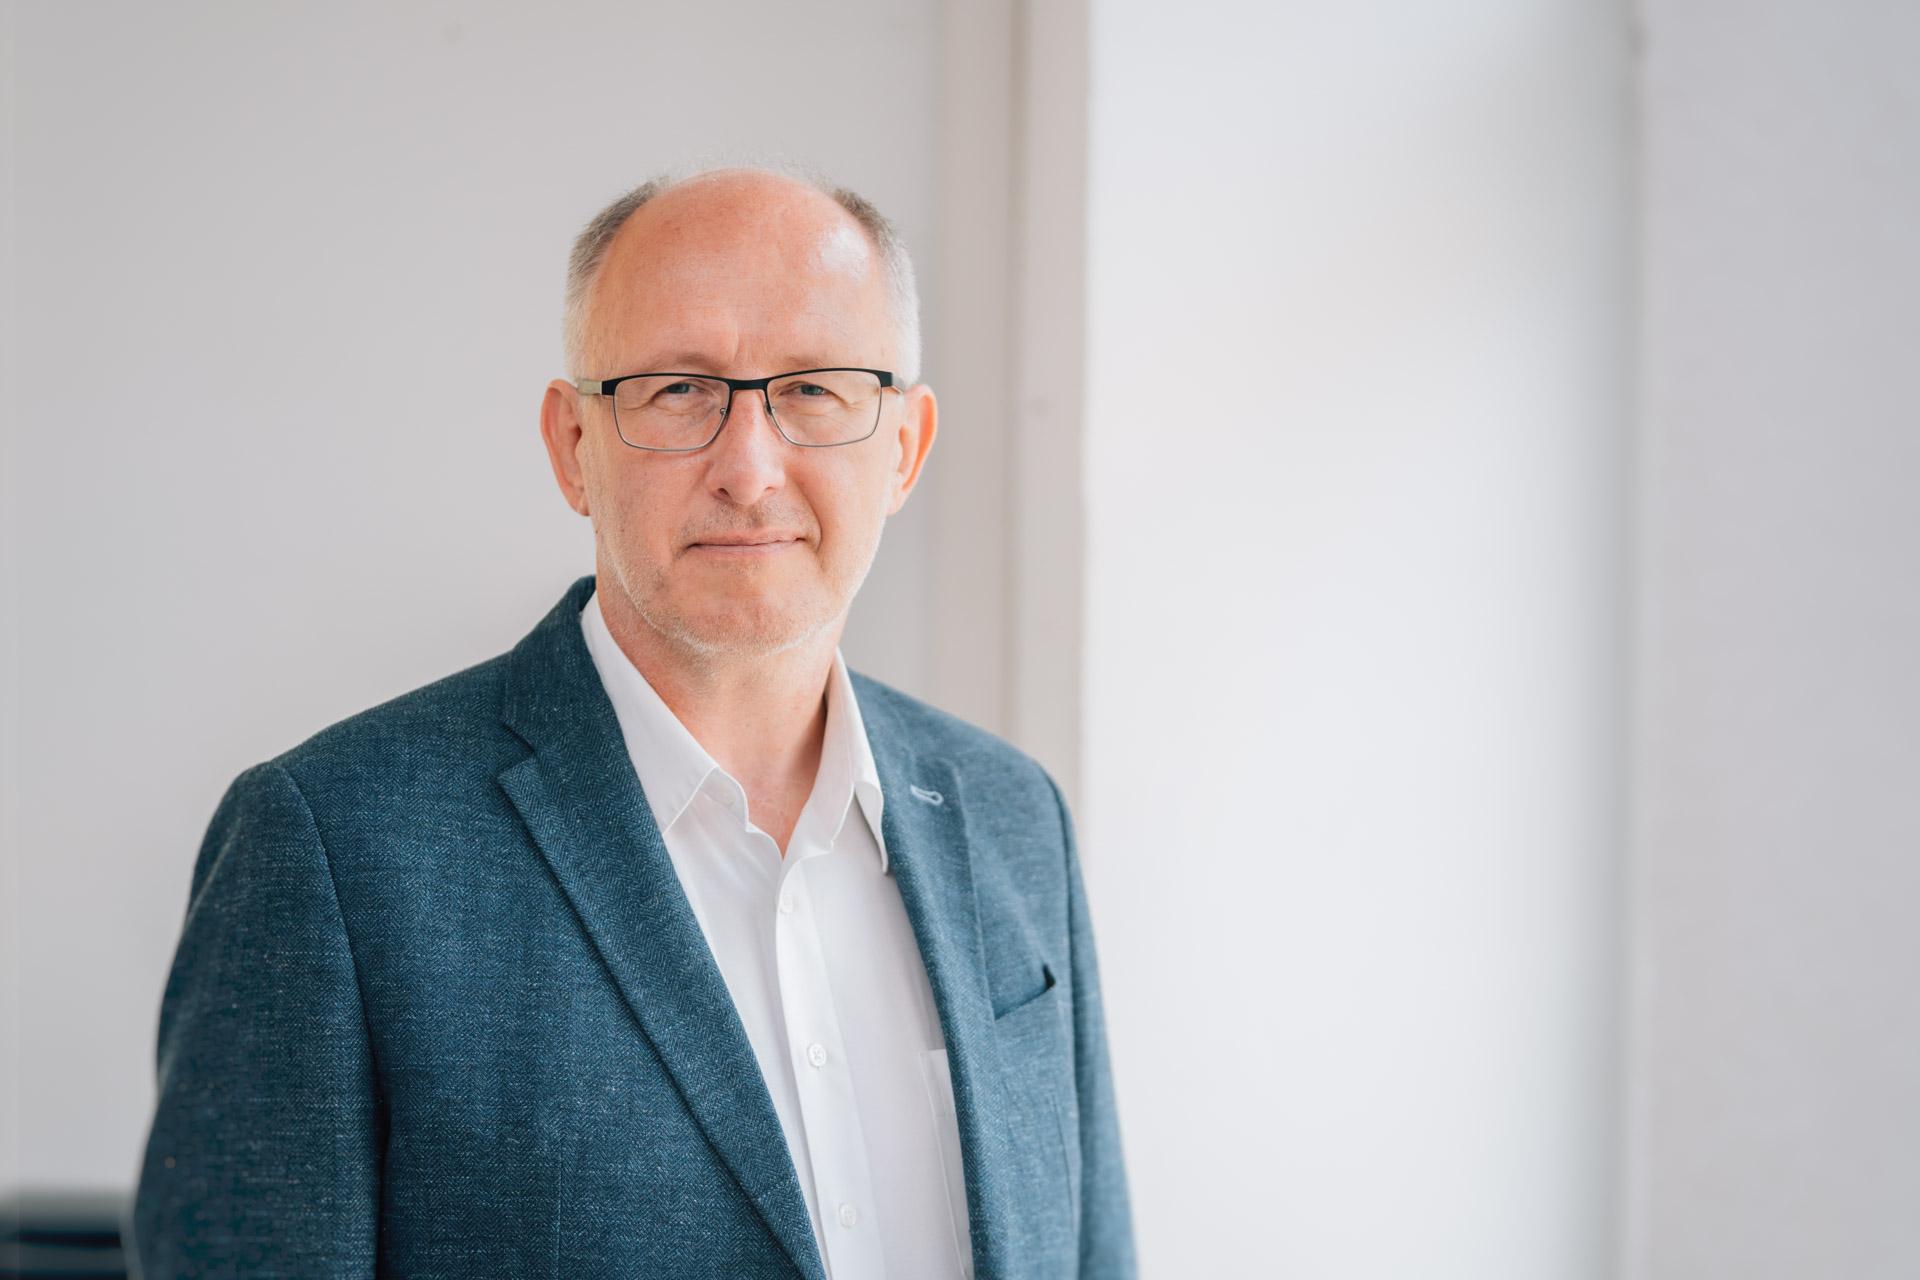 Krzysztof Staszewski, prezes Zarządu Podkarpackiego Funduszu Rozwoju Sp. z o.o. Fot. Maciej Rałowski